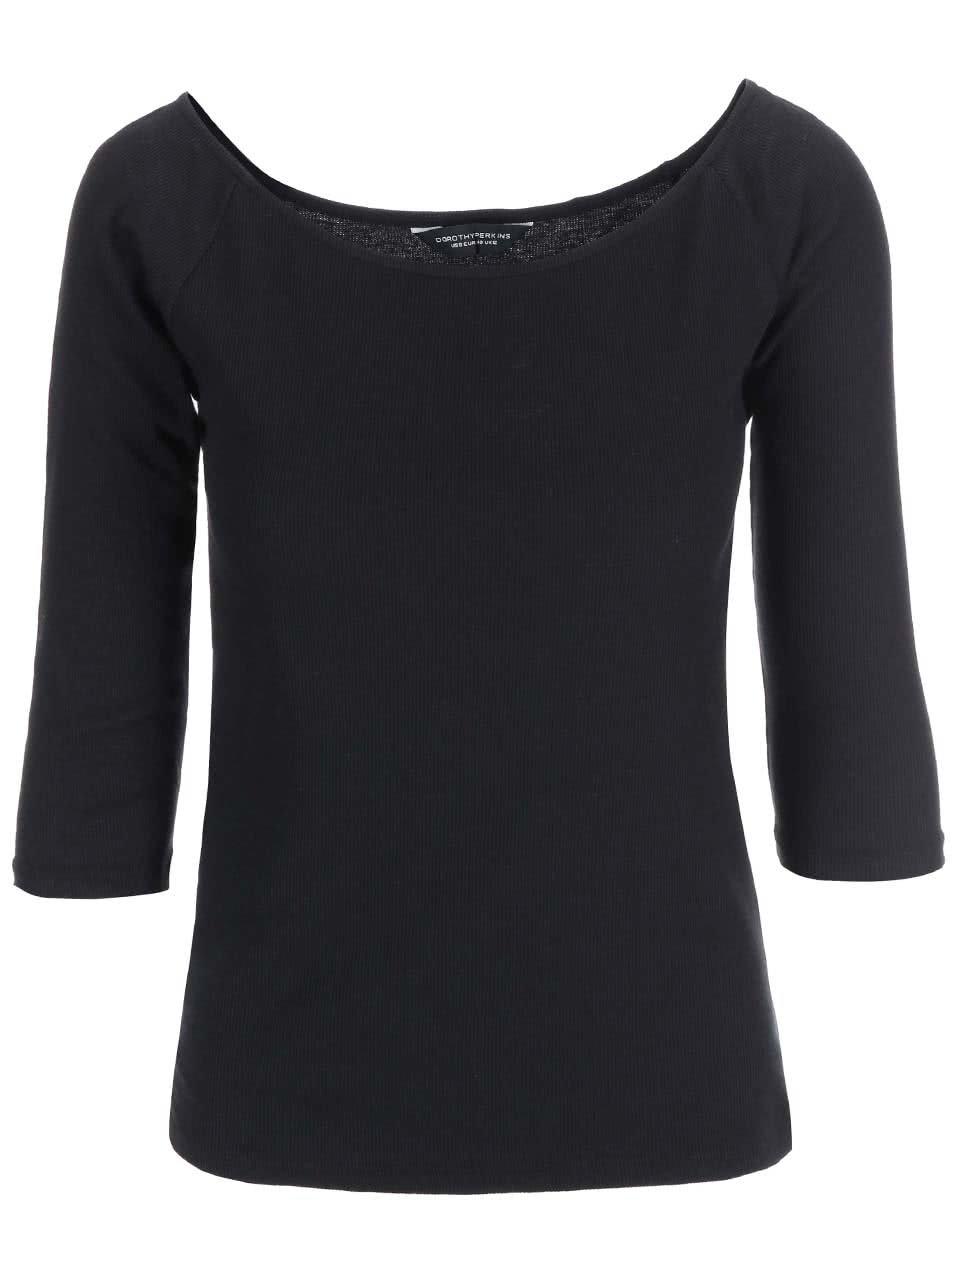 0b3cffca16ff Čierne tričko s lodičkovým výstrihom Dorothy Perkins ...